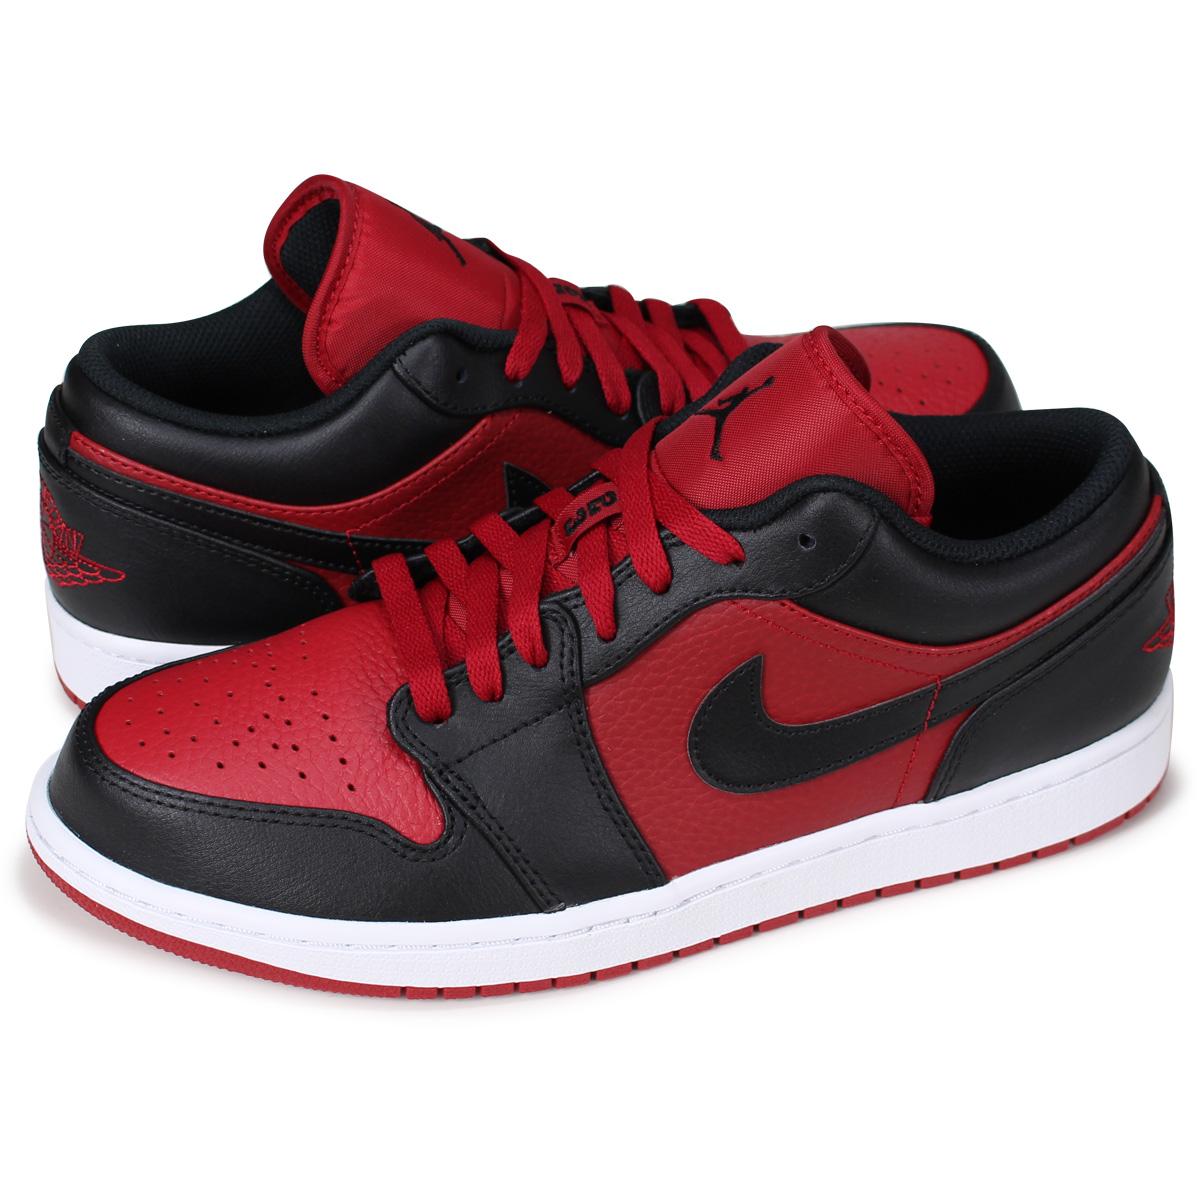 34c600f5dab Whats up Sports  NIKE AIR JORDAN 1 LOW Nike Air Jordan 1 sneakers ...